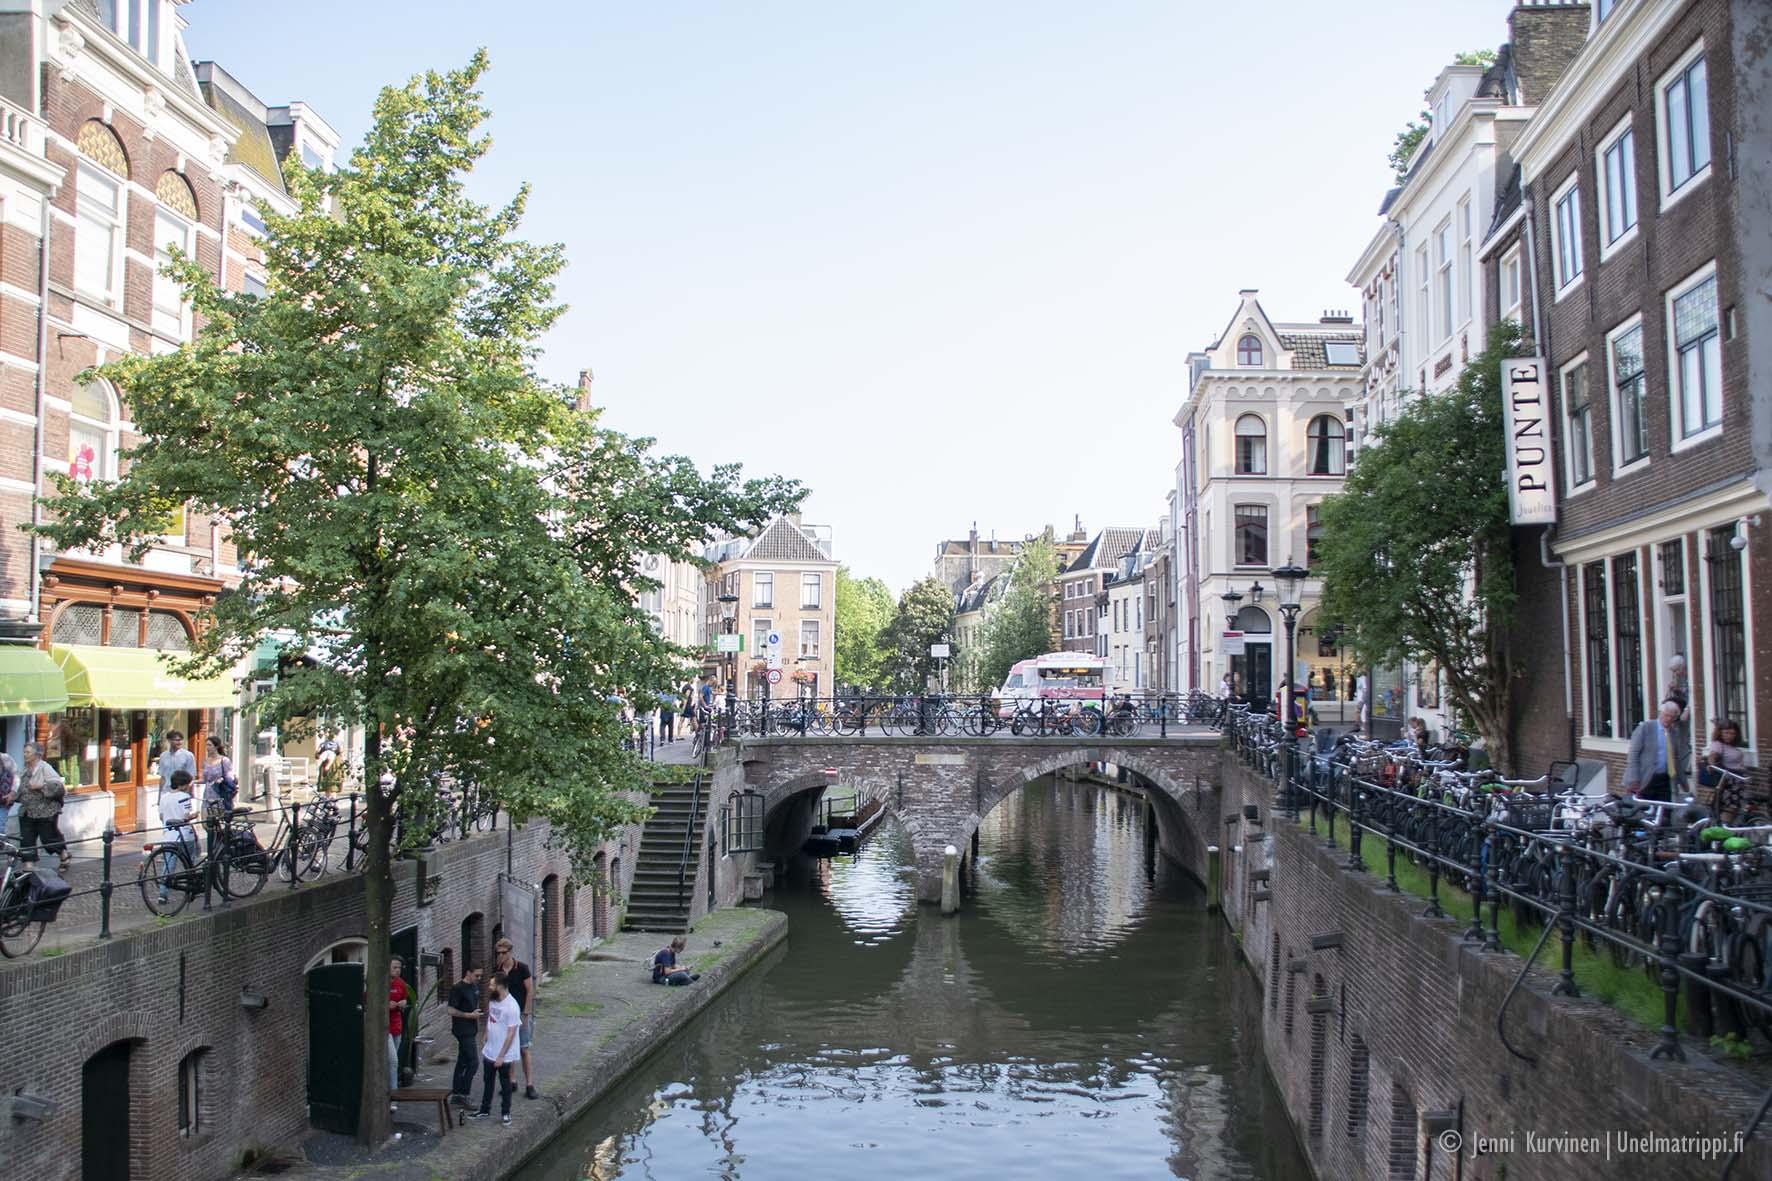 20181028-Unelmatrippi-Utrecht-DSC0986